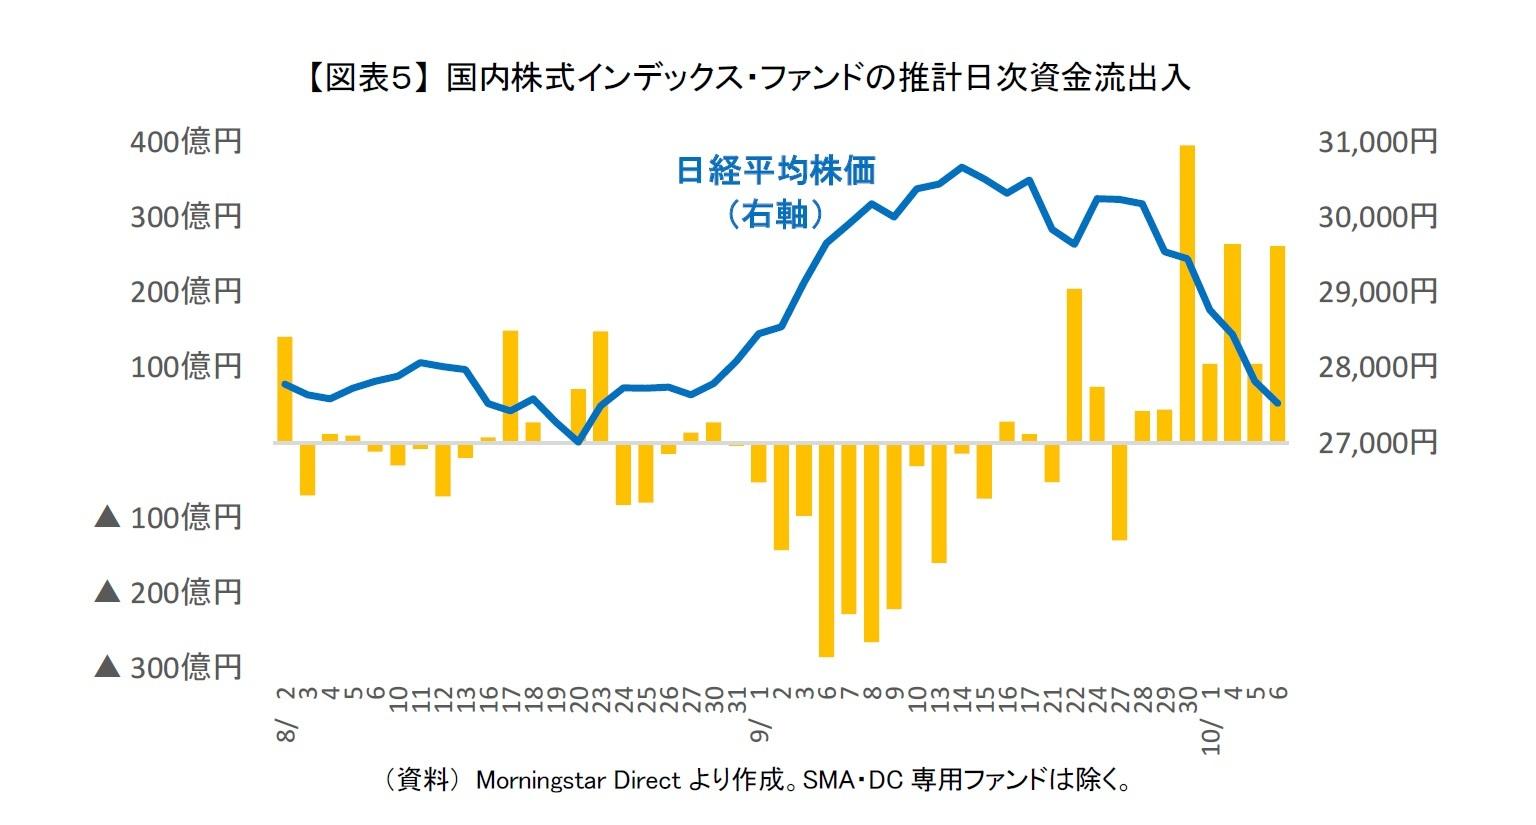 【図表5】 国内株式インデックス・ファンドの推計日次資金流出入